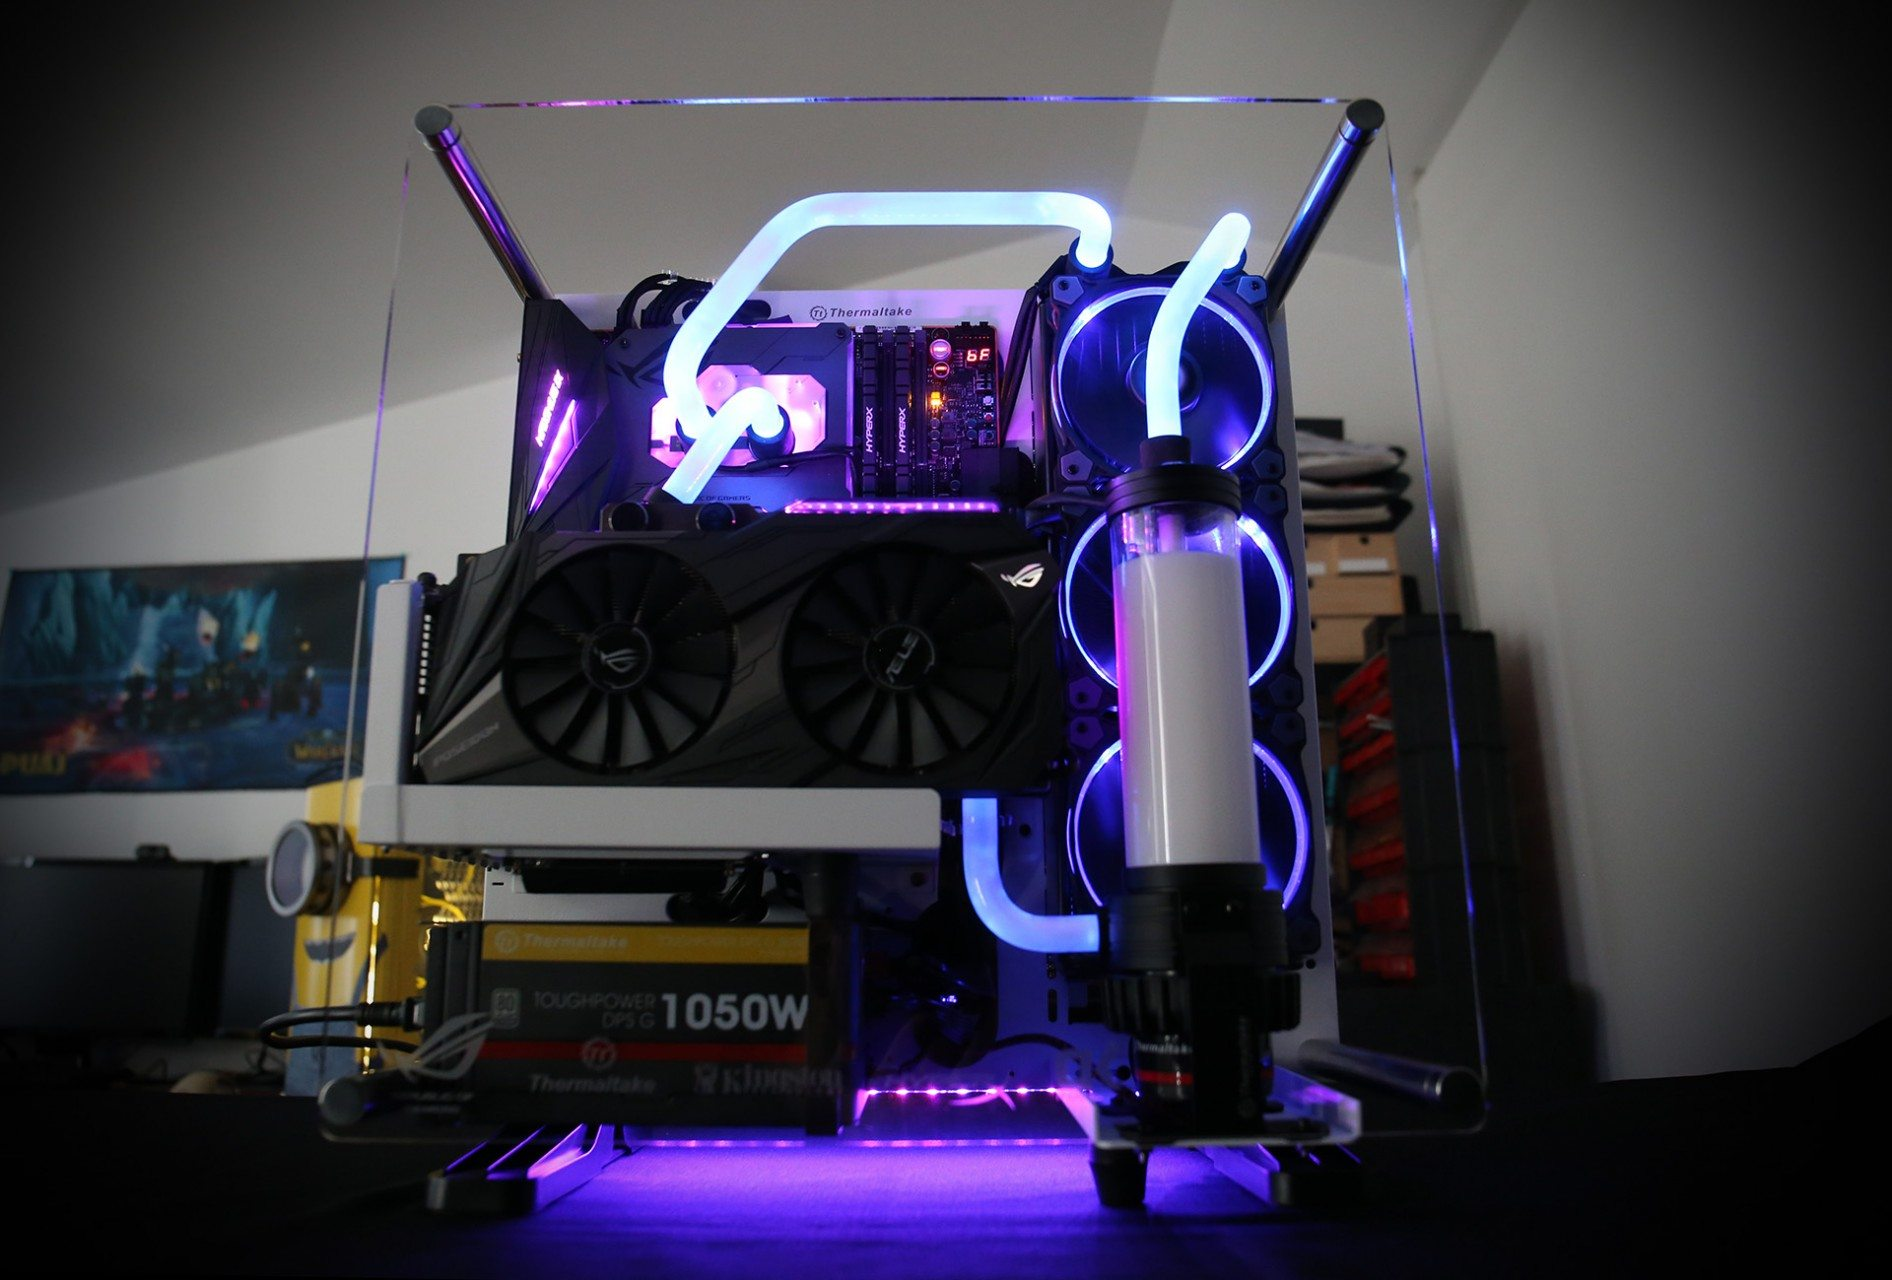 Asus Core P3 RGB 15